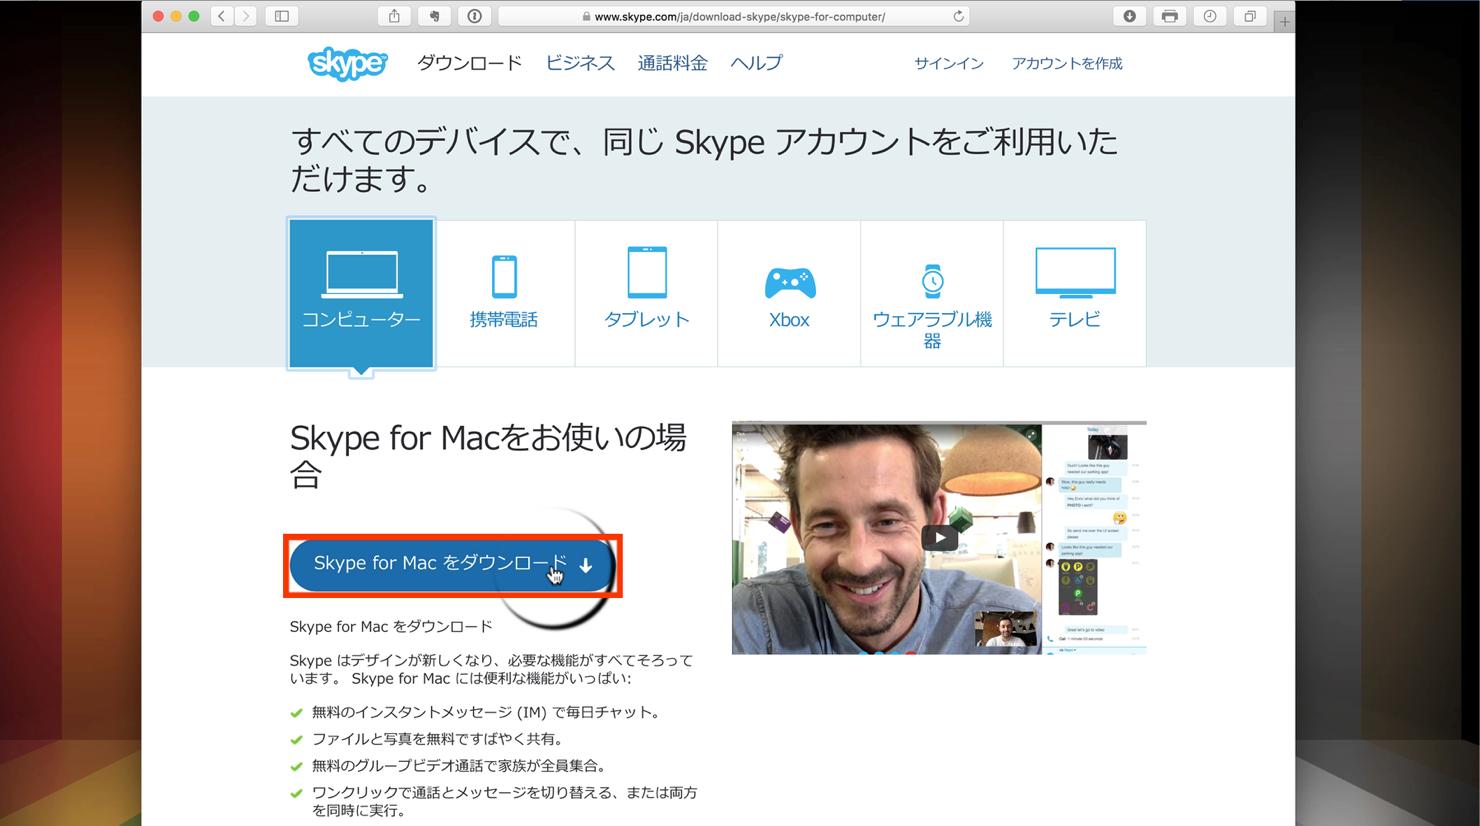 Skype for Mac_1